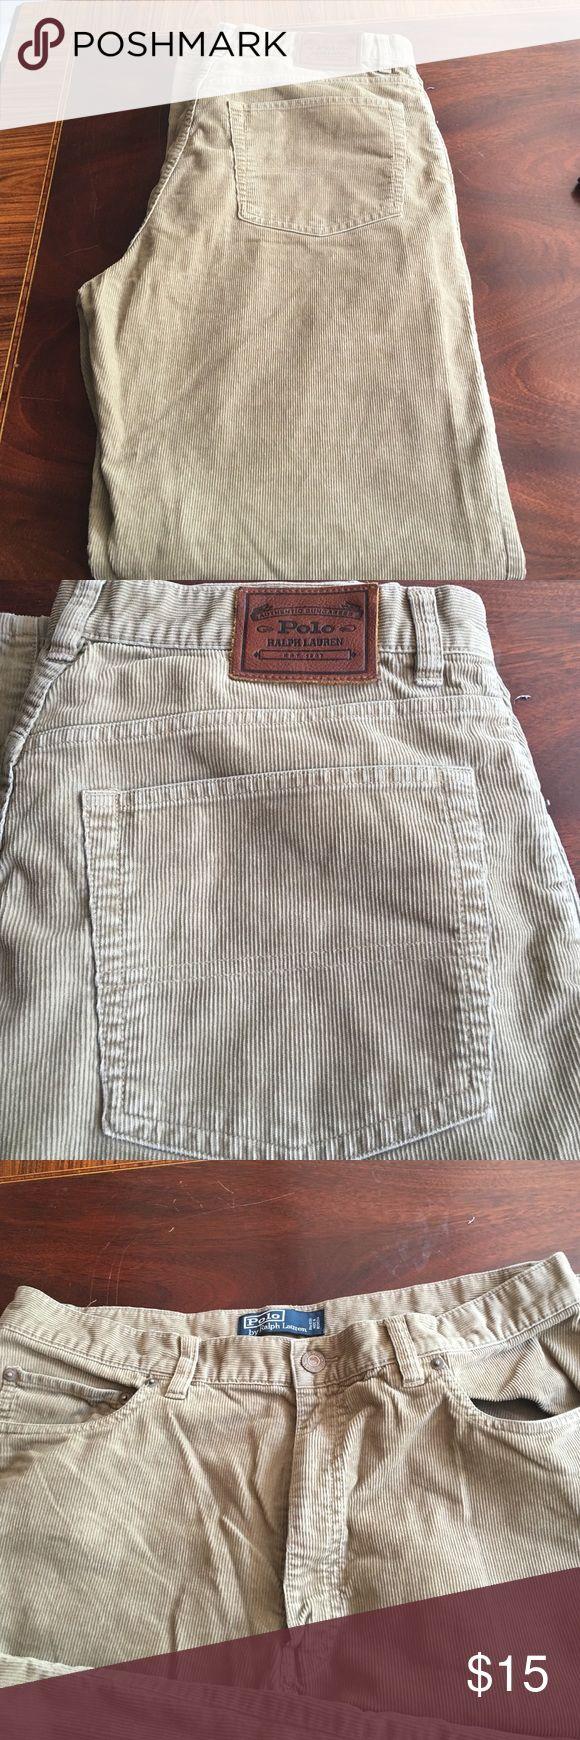 Polo Ralph Lauren men's corduroy pants Polo Ralph Lauren men's 5 pocket corduroy pants. Ralph Lauren Pants Corduroy